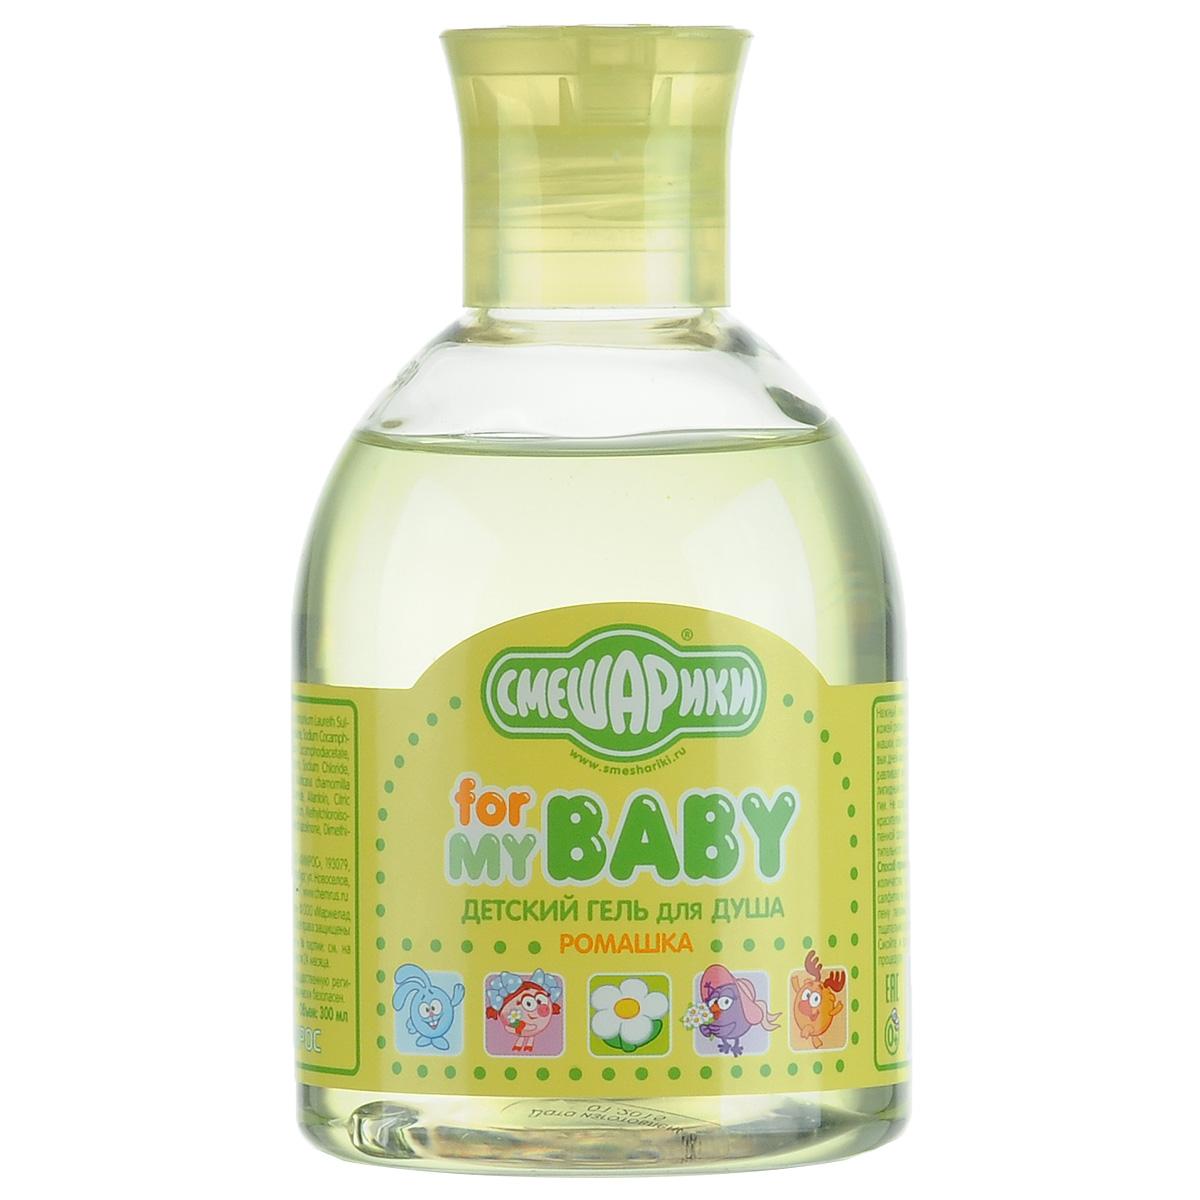 Смешарики Детский гель для душа For my Baby, с экстрактом ромашки, 300 млFS-00897Нежный детский гель для душа Смешарики For my Baby подходит для купания малышей с рождения. Гель прекрасно пенится в воде любой жесткости, полностью смывается. Оставляет нежную кожу малыша чистой и не пересушенной, благодаря сбалансированному составу, сохраняющему естественный водно-жировой баланс кожи. Содержит экстракт и отвар ромашки и бисаболол, которые оказывают противовоспалительное, успокаивающее действие, питают и защищают кожу ребенка.Принципиальное отличие геля для душа в использовании моющих веществ натурального происхождения, которые не наносят раздражающего действия на детскую кожу и оказывают мягкое моющее действие. Средство не содержит красителей, не вызывает аллергии.Товар сертифицирован и дерматологически безопасен.